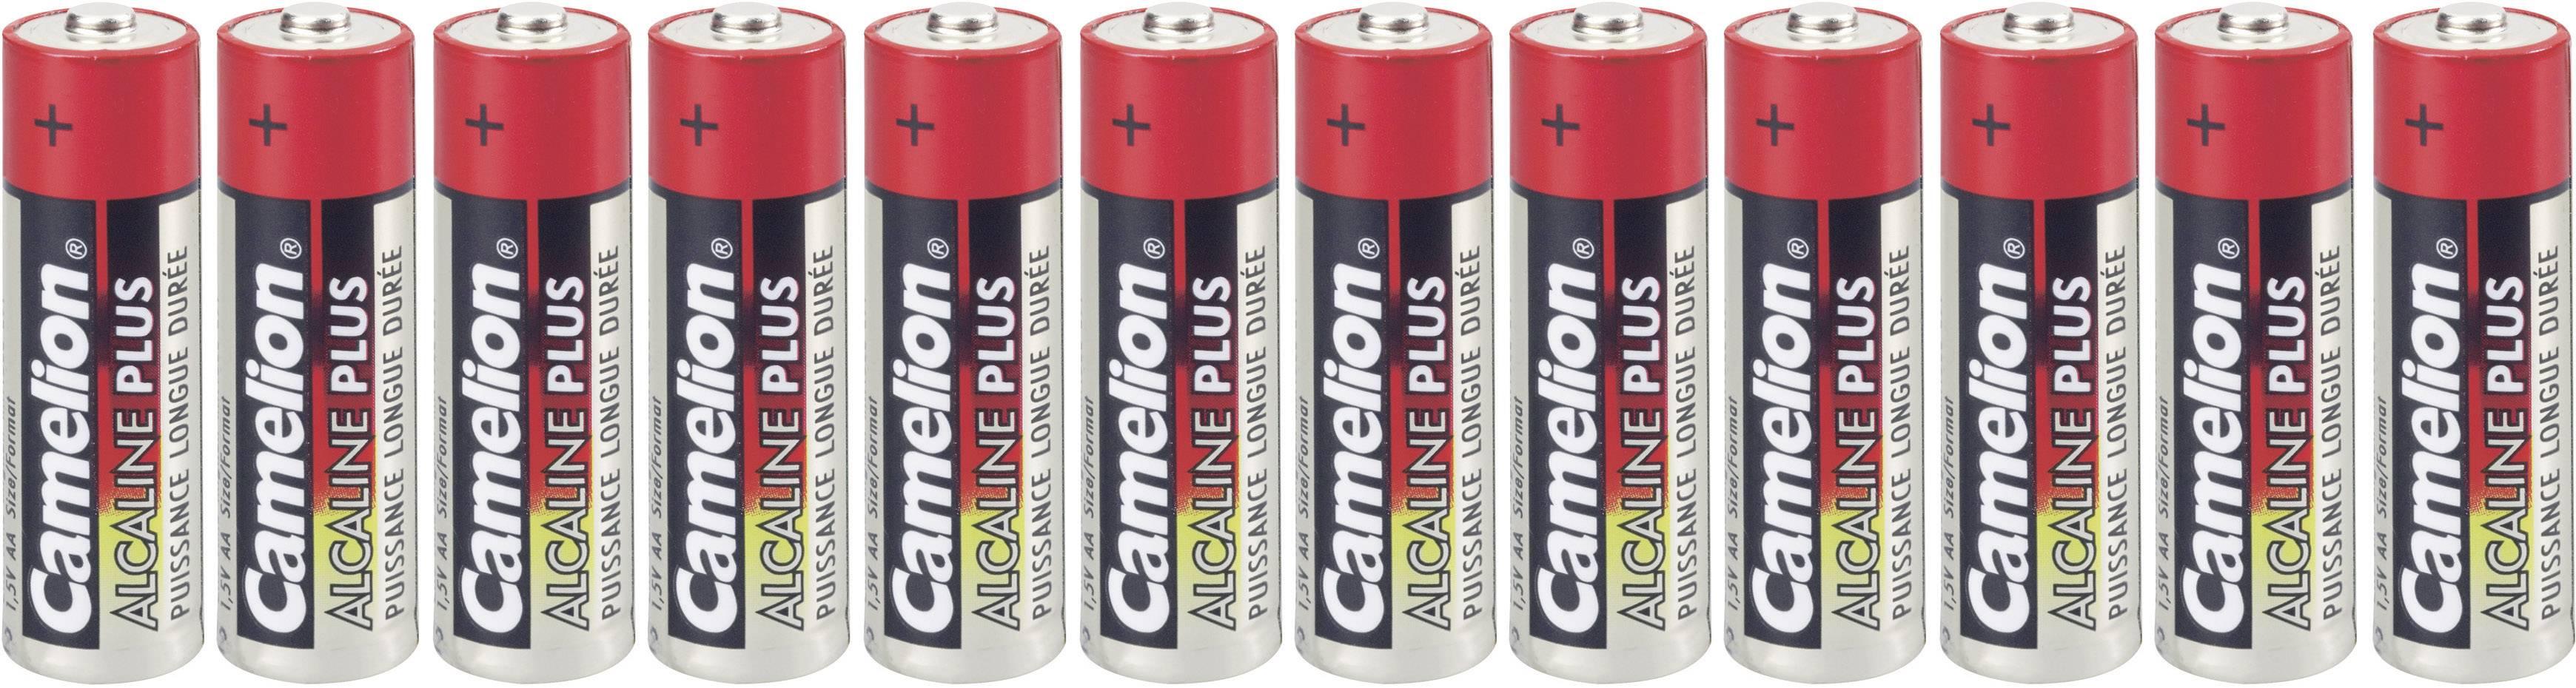 Sada alkalických baterií AA Camelion, 12 ks